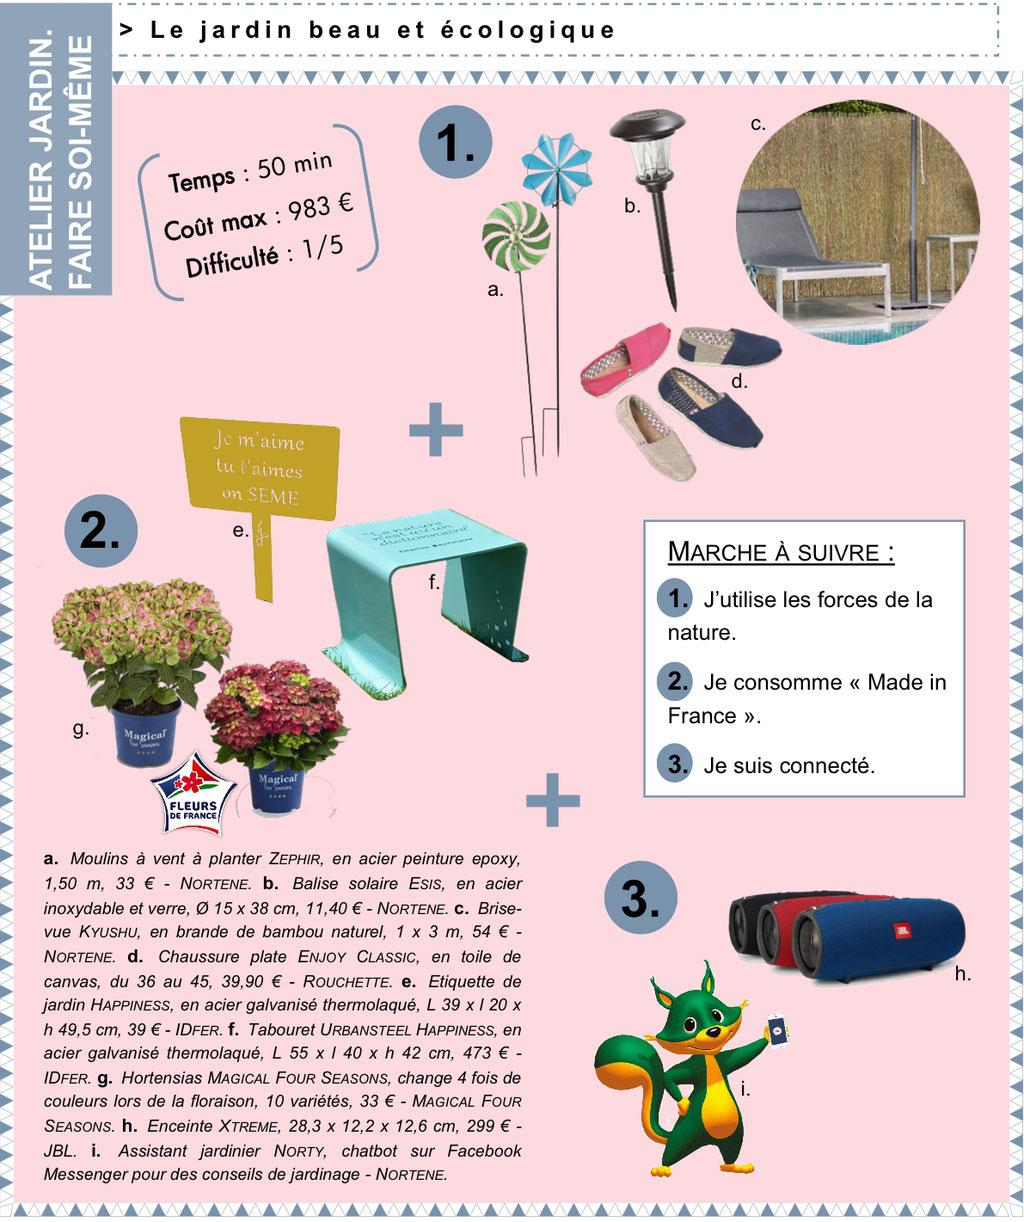 Atelier Jardin - Faire soi-même - Le Jardin beau et écolo - ArchiTendances à Jardins, Jardin 2017